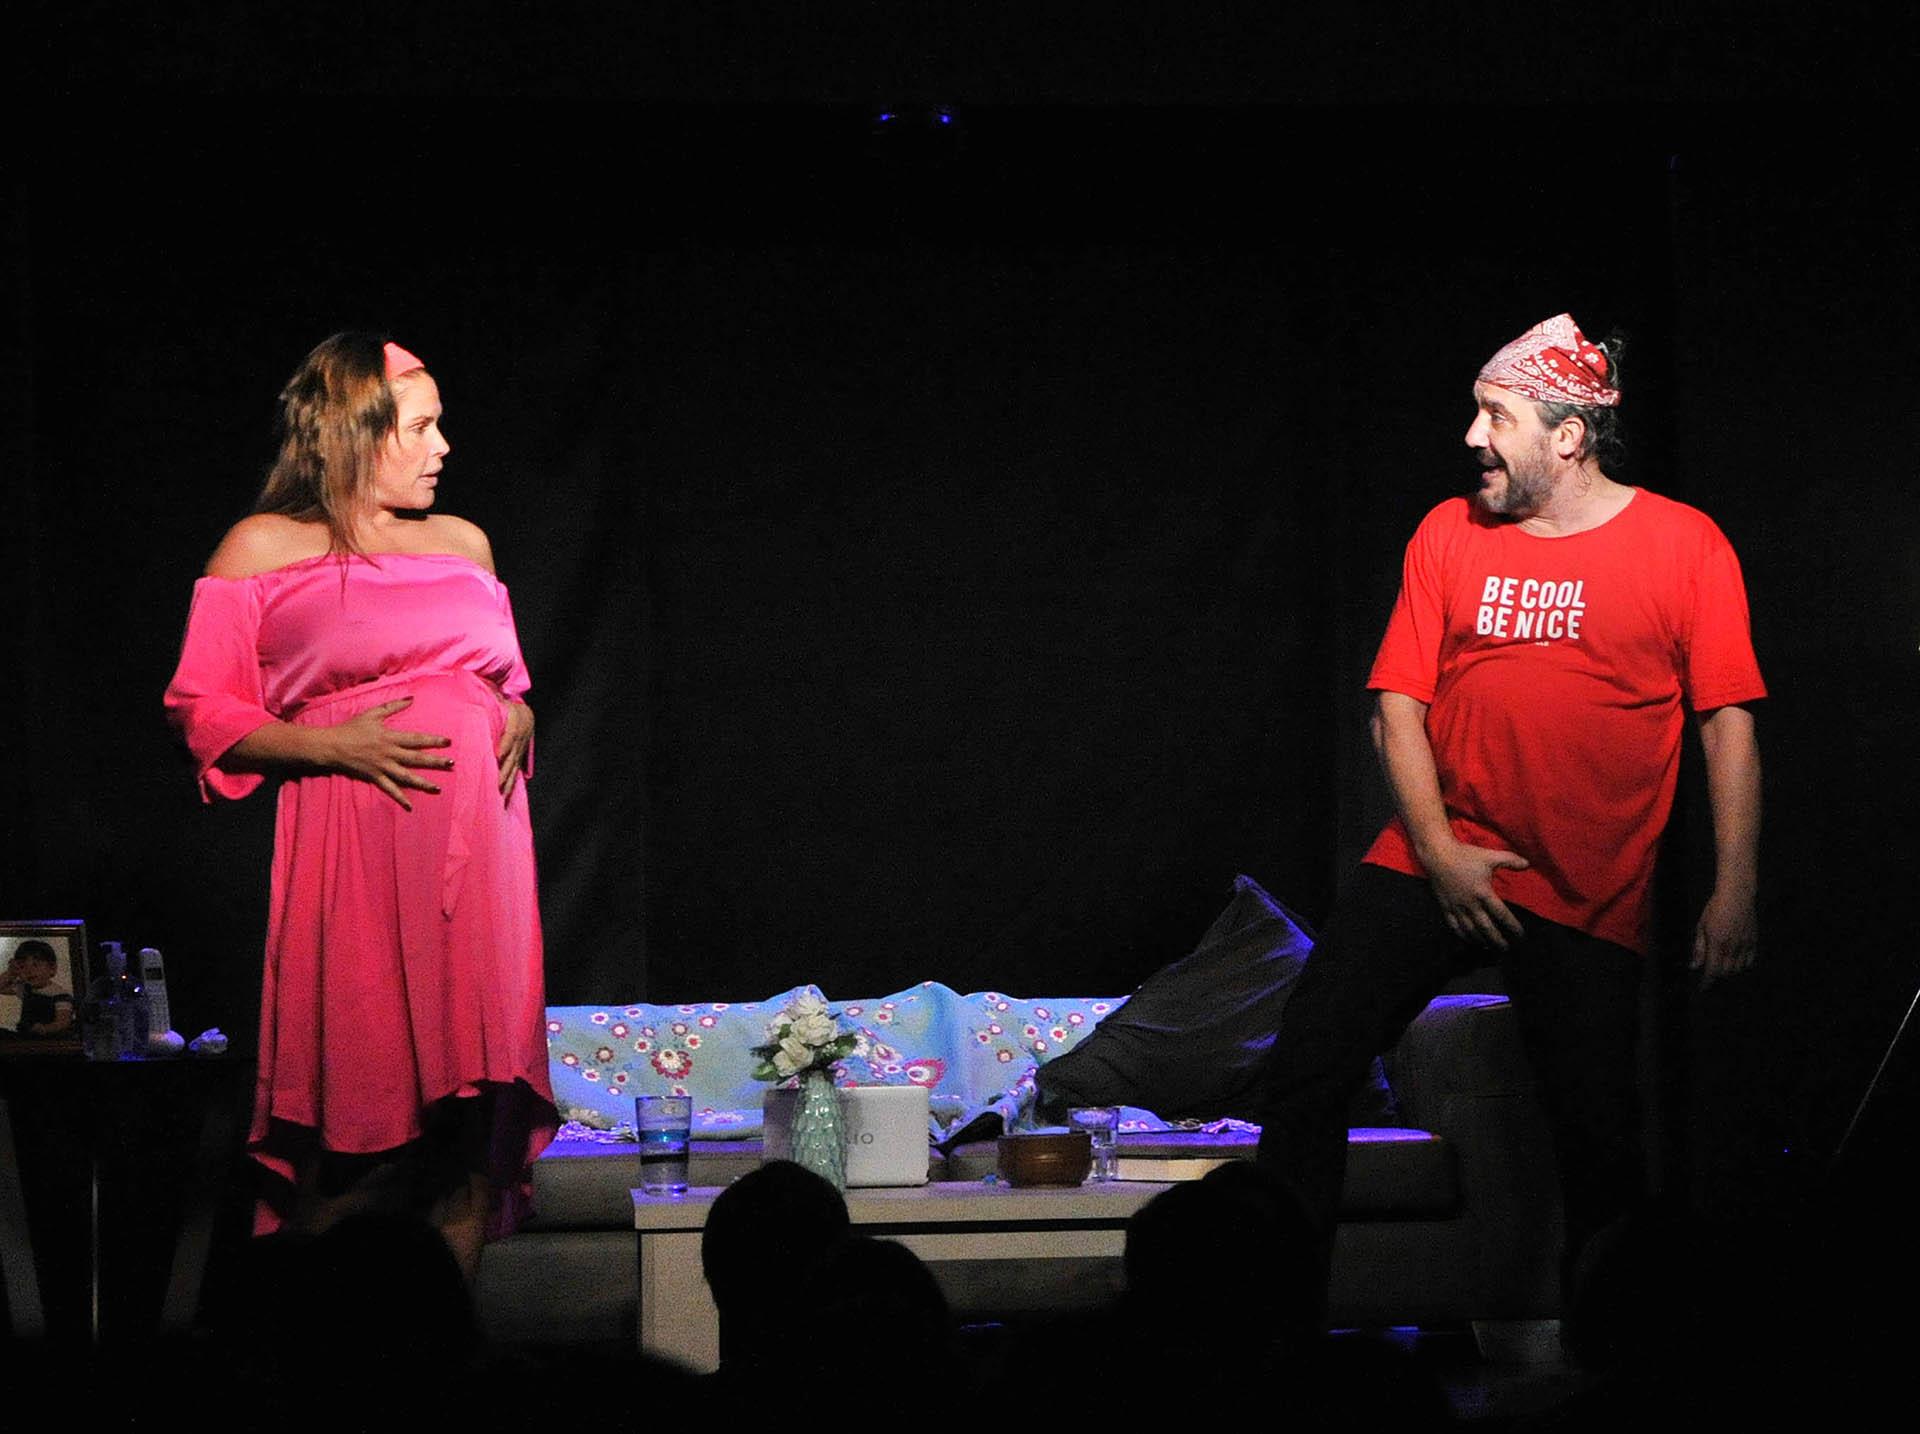 El espectáculo cuenta con la dirección de Valeria Ambrosio